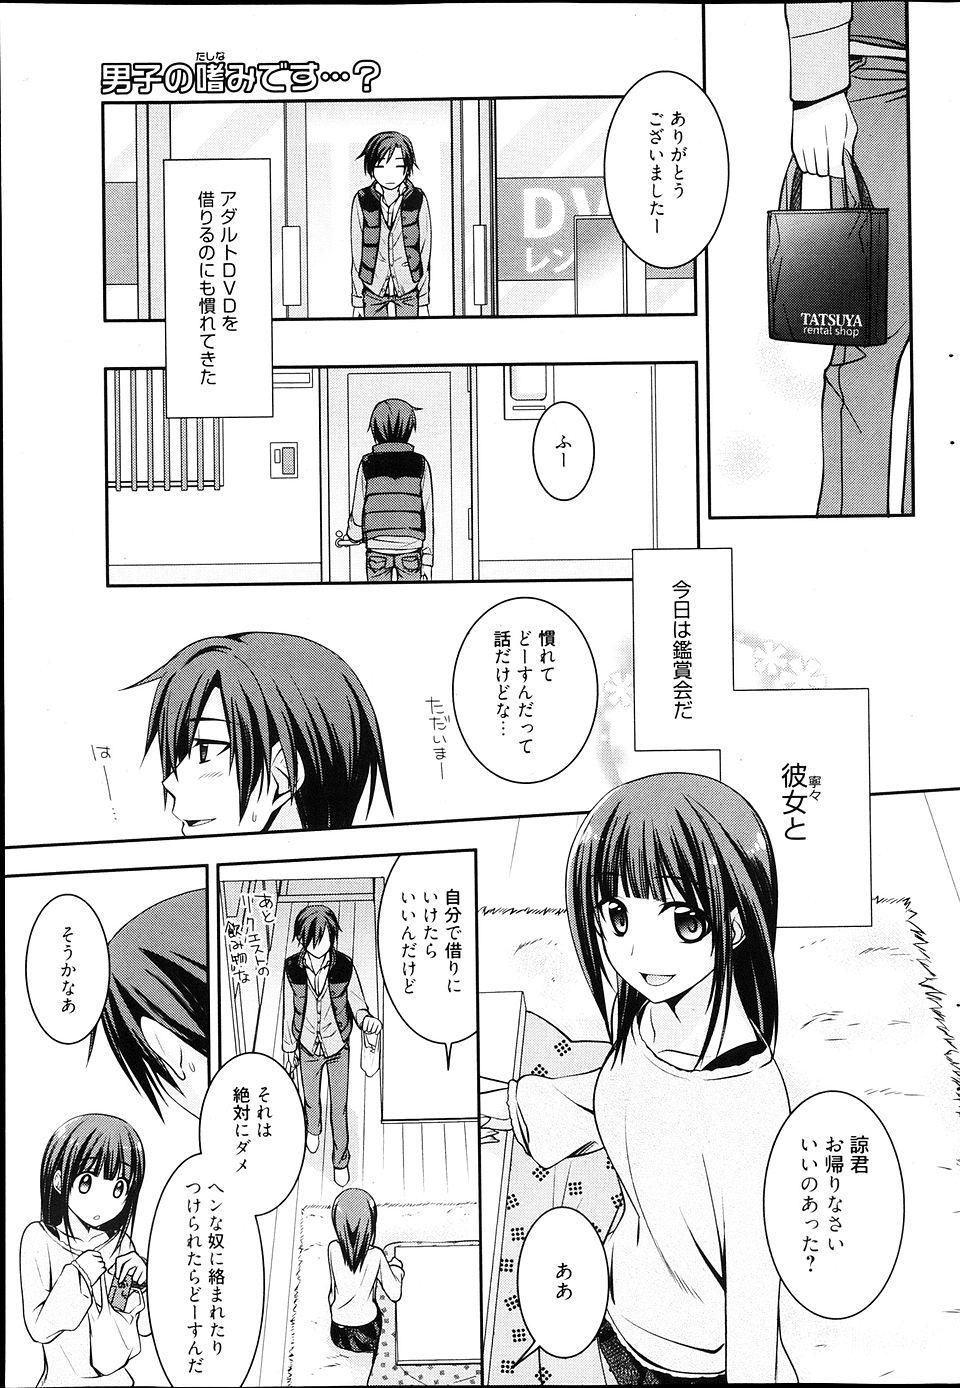 [鈴玉レンリ] イメージアップ (1)